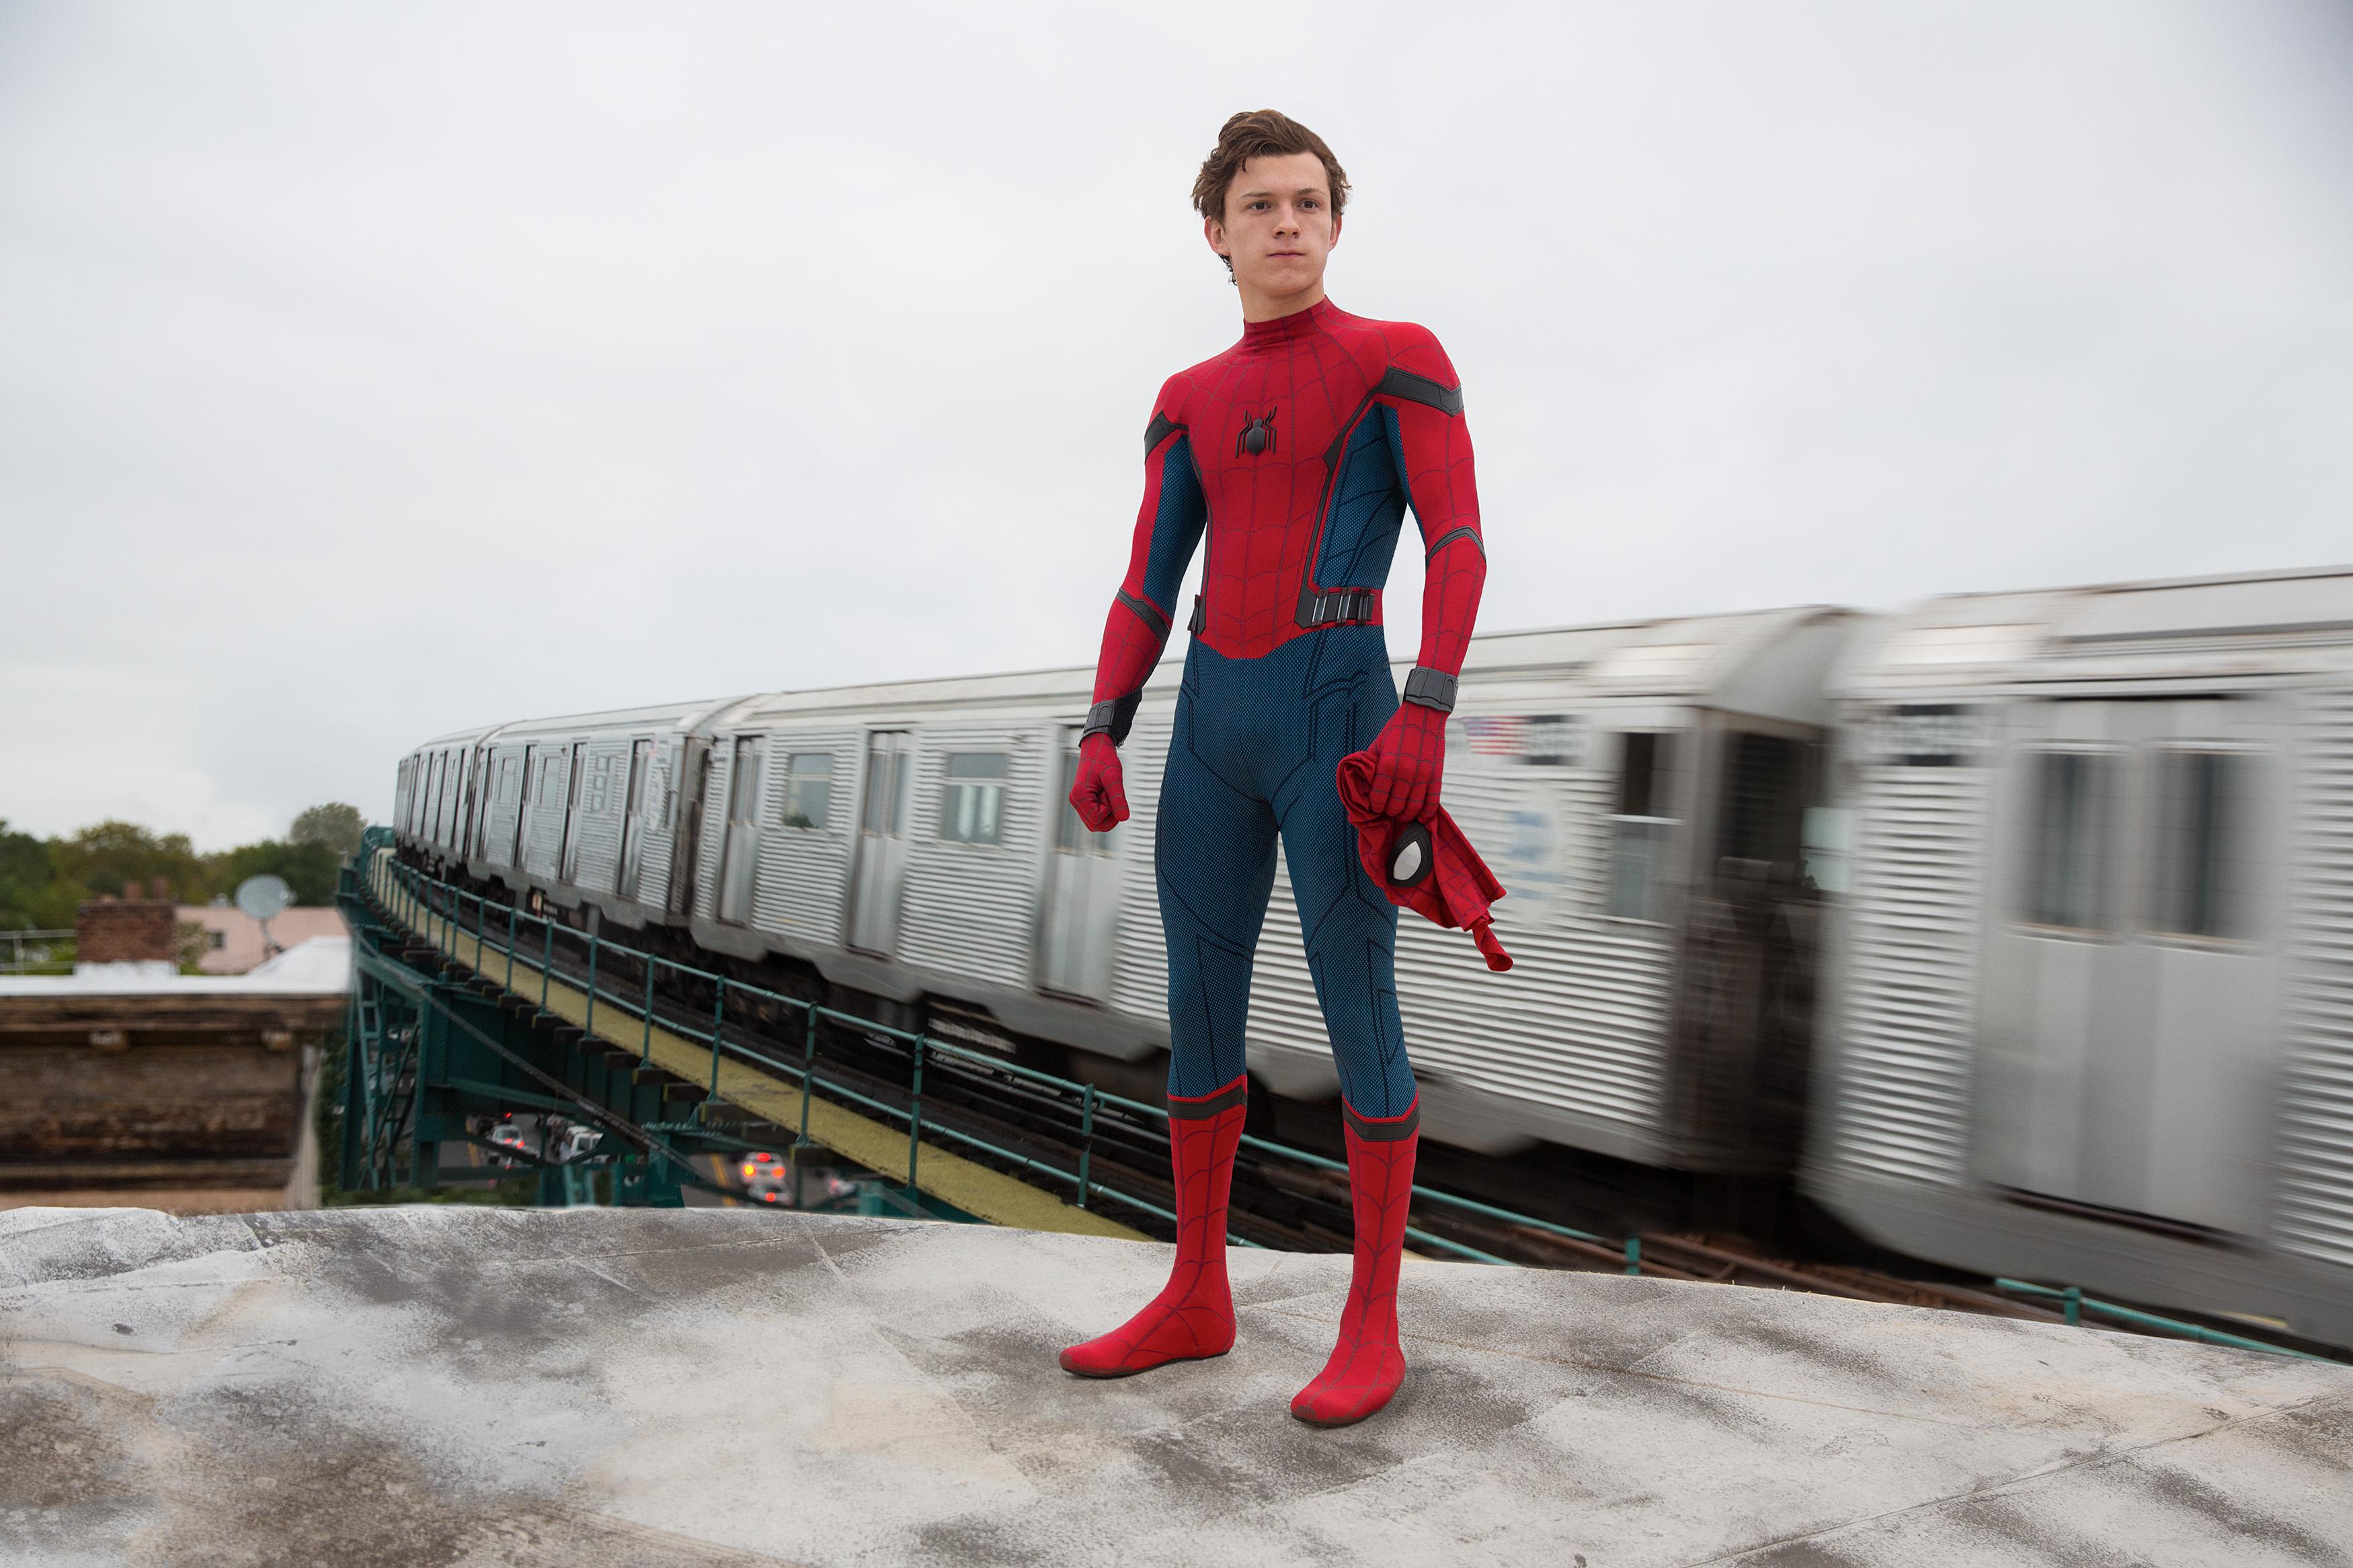 Spider-man-homecoming-trailer-still